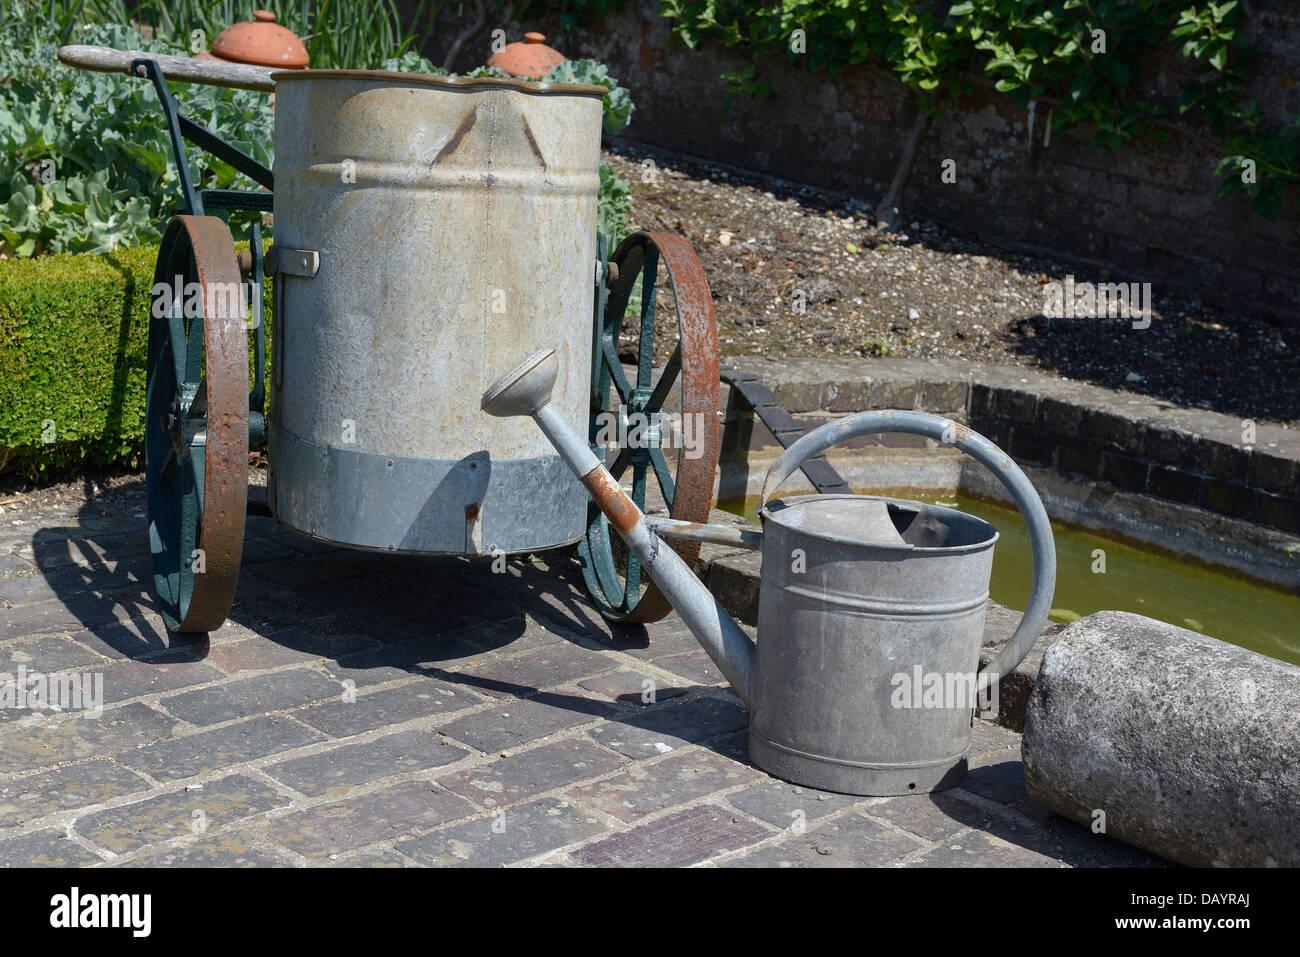 Ein Altes Verzinkt Wasser Laube Und Gießkanne Sitzt Neben